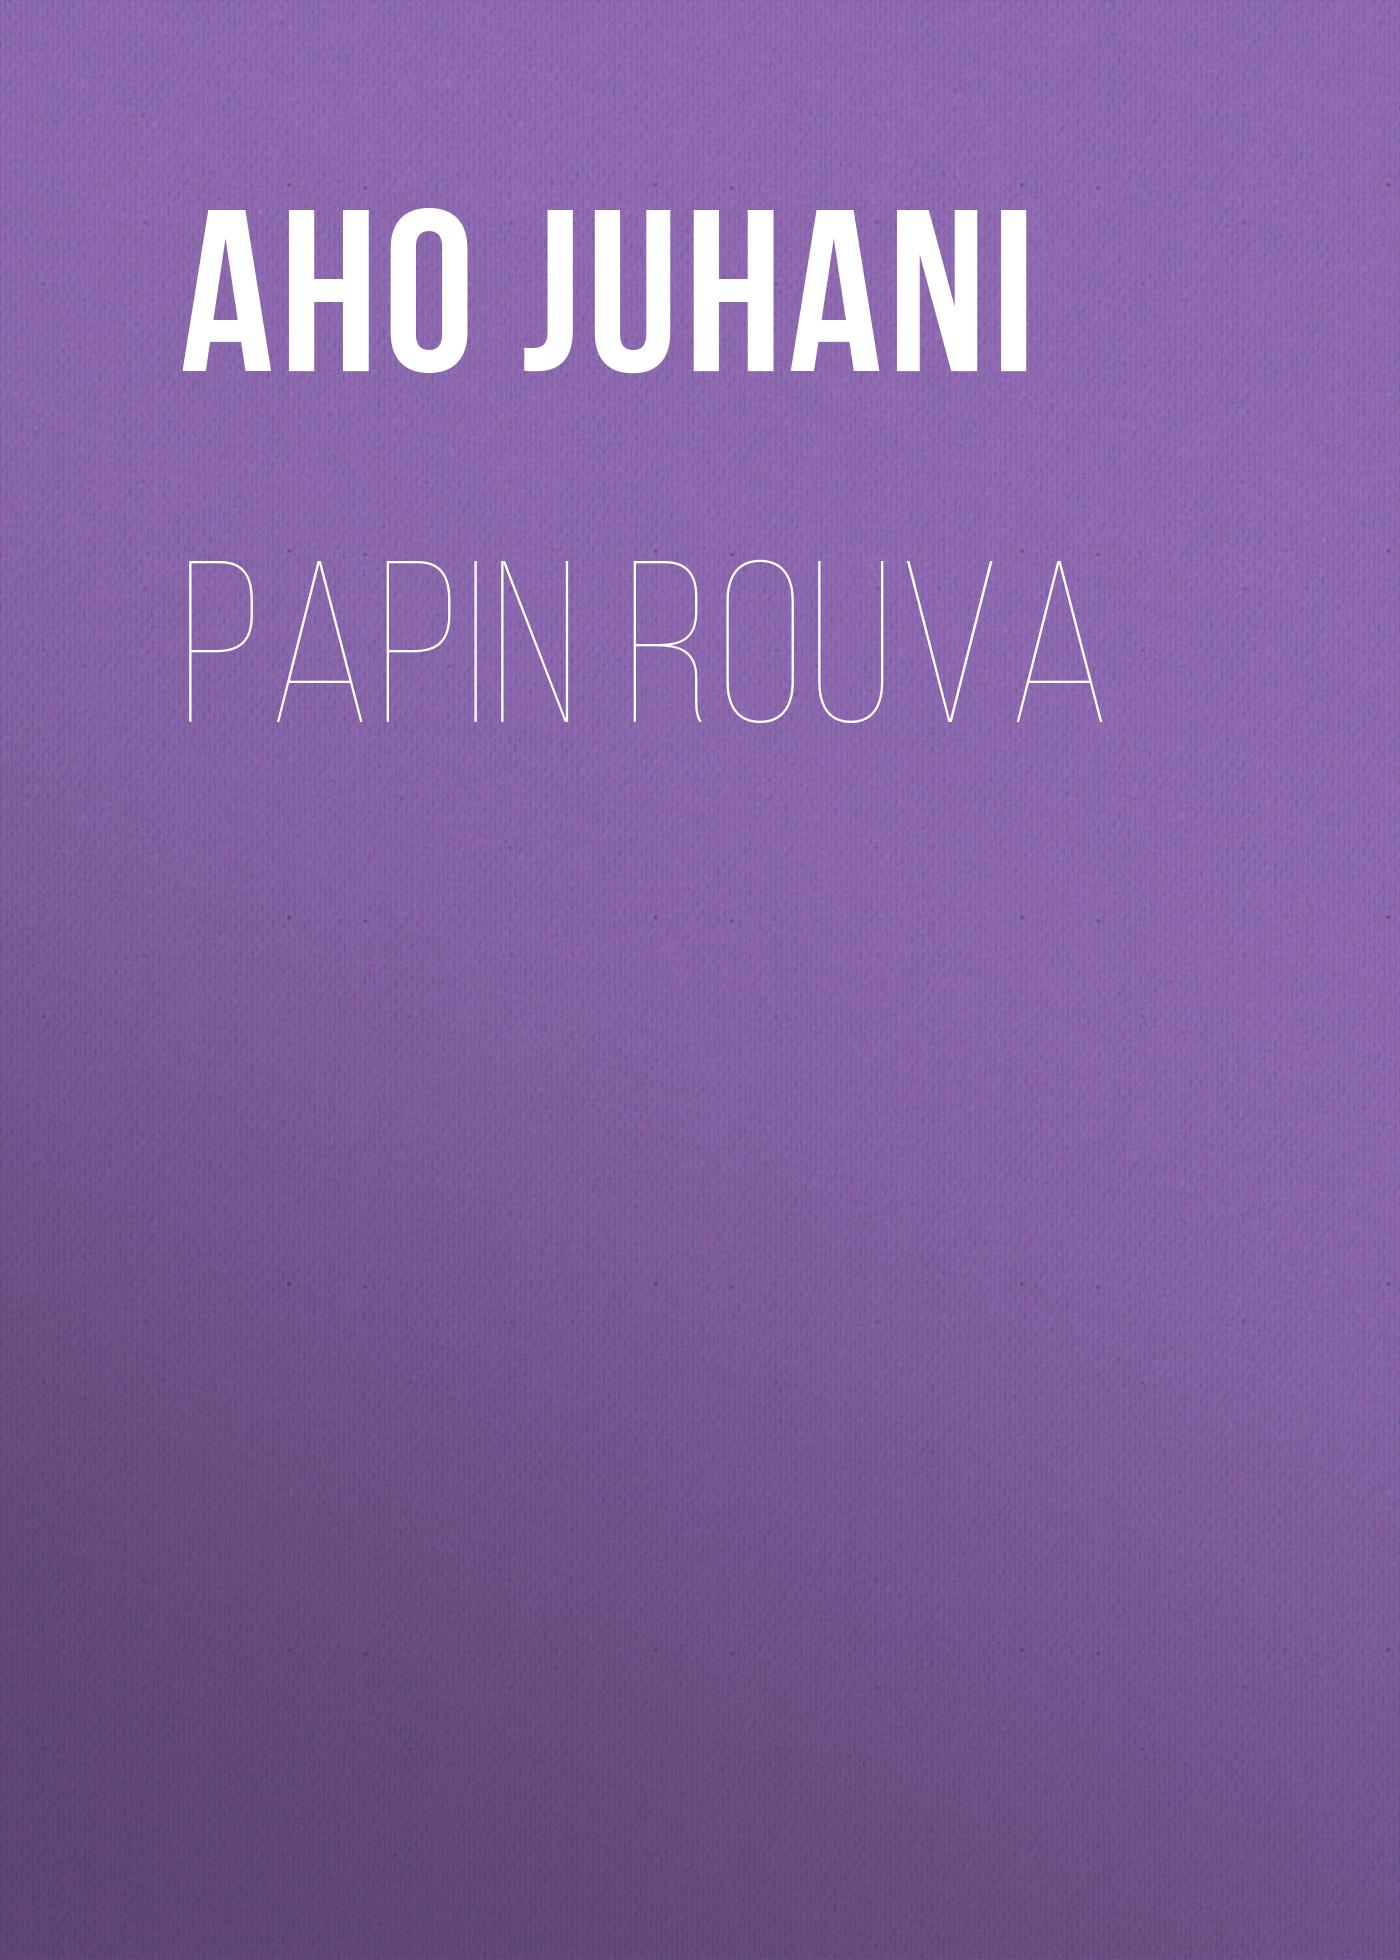 Aho Juhani Papin rouva